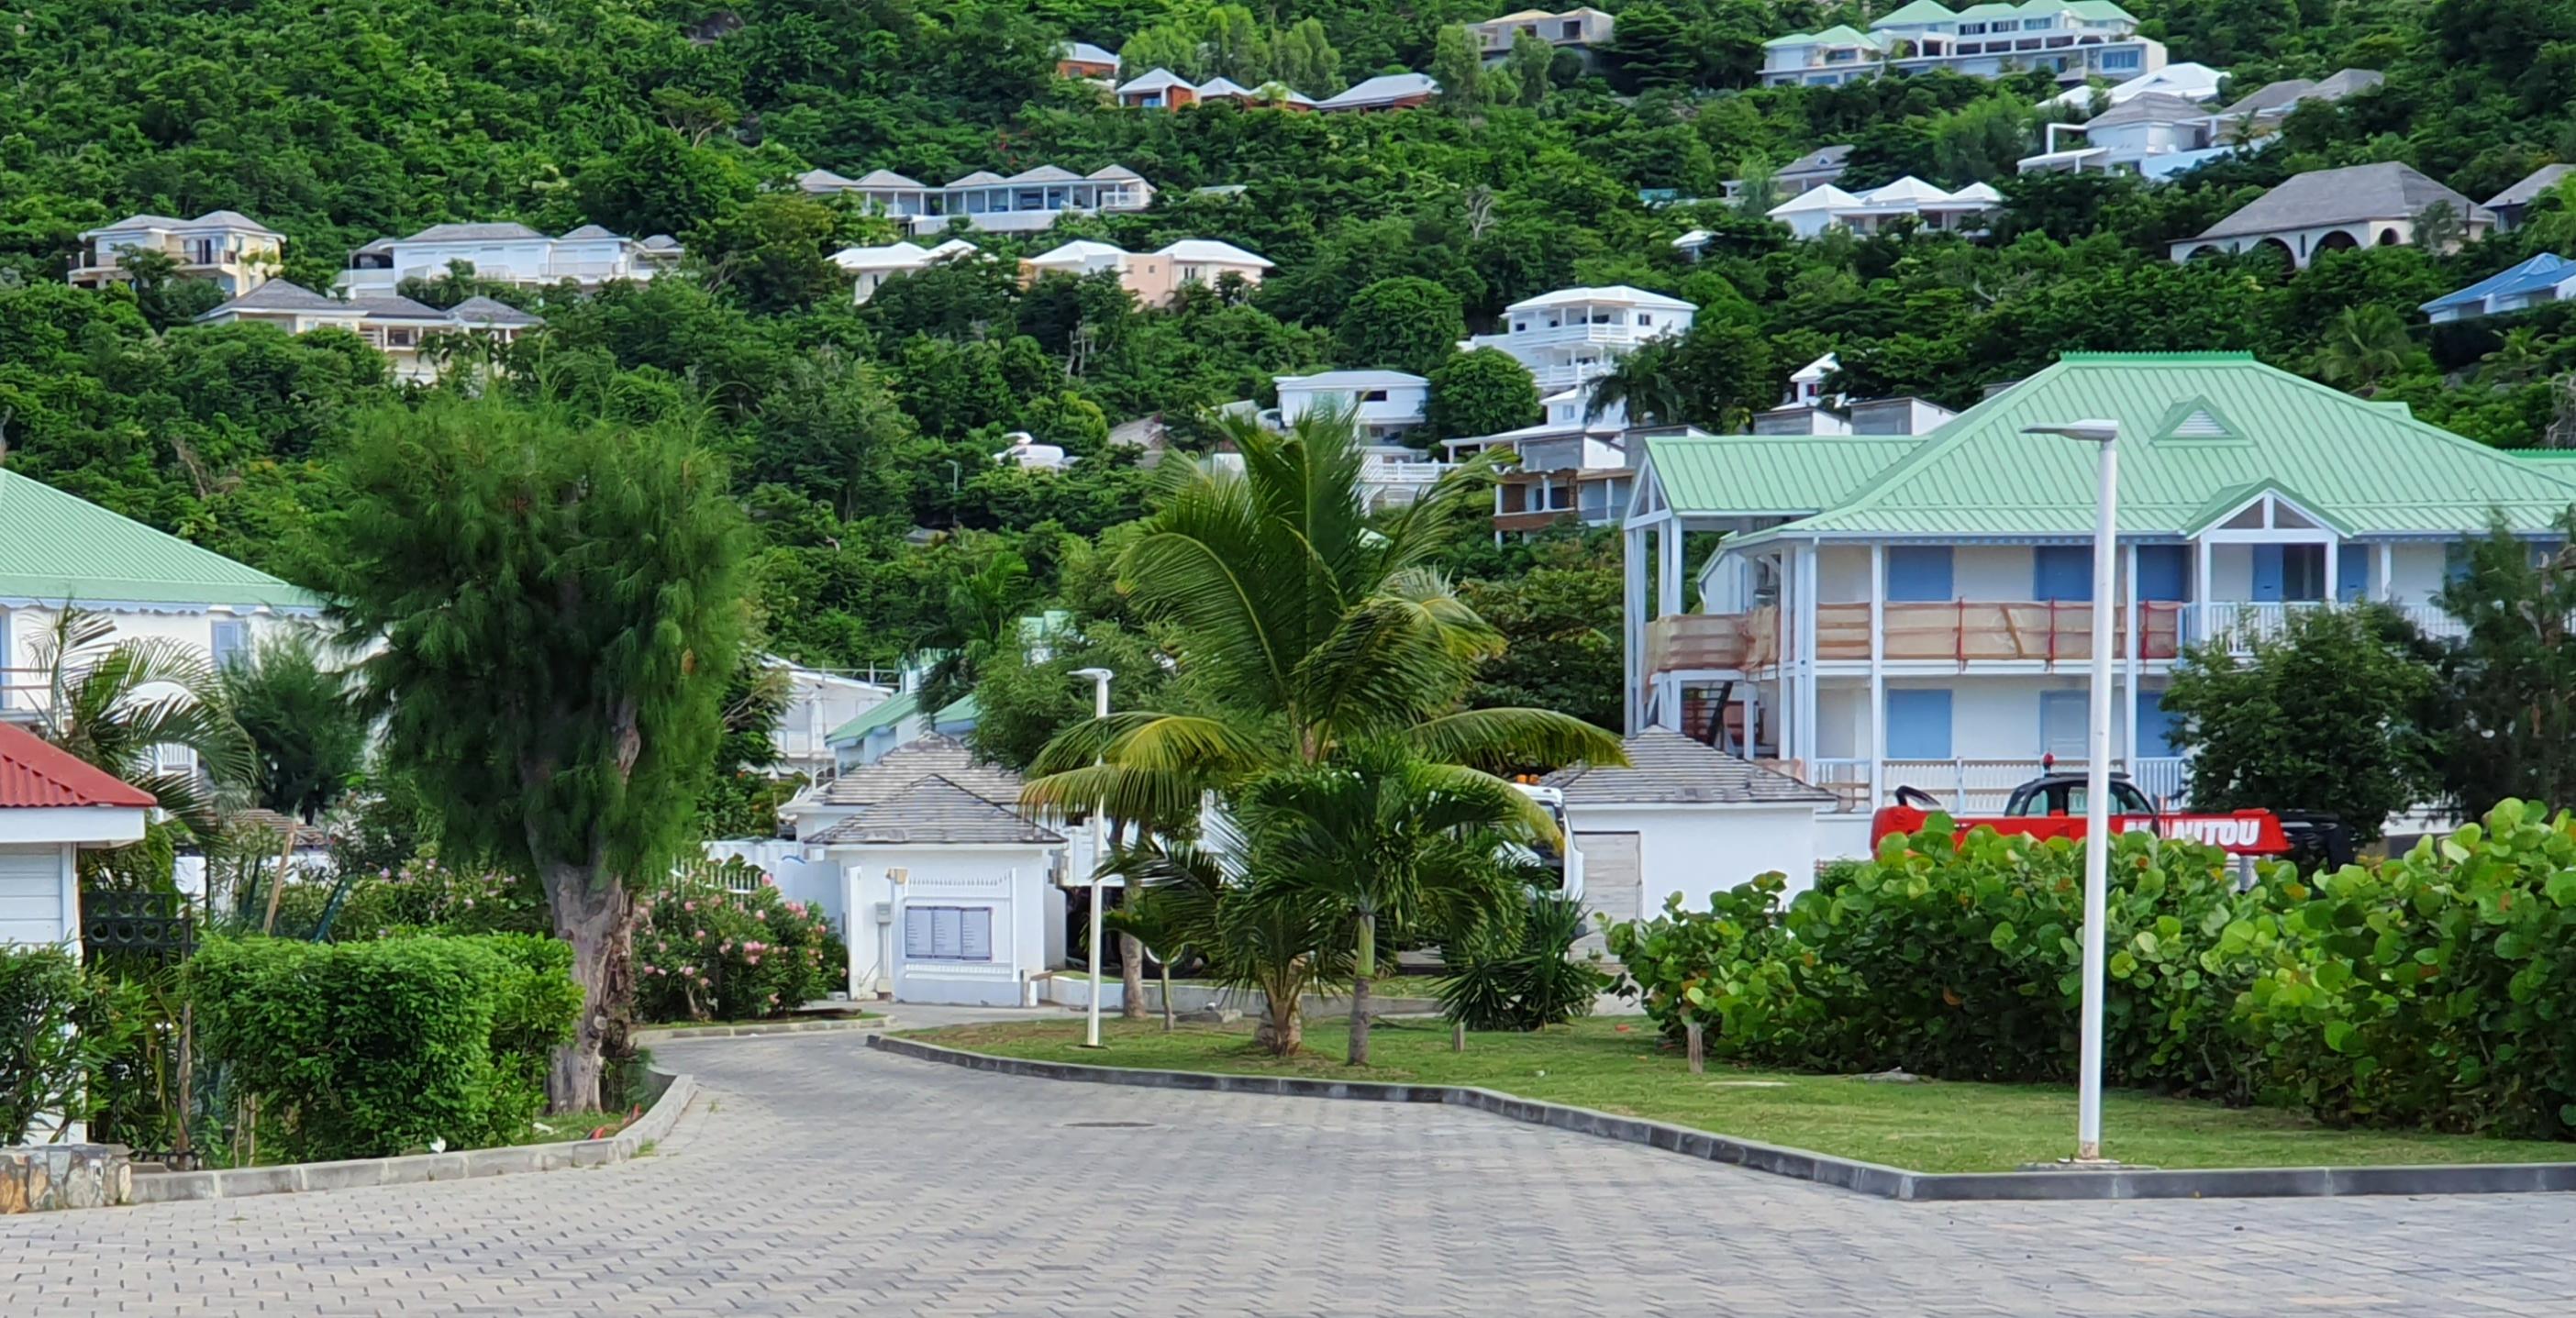 La reconstruction post-Irma «loin d'être achevée» à Saint-Martin, selon un rapport sénatorial